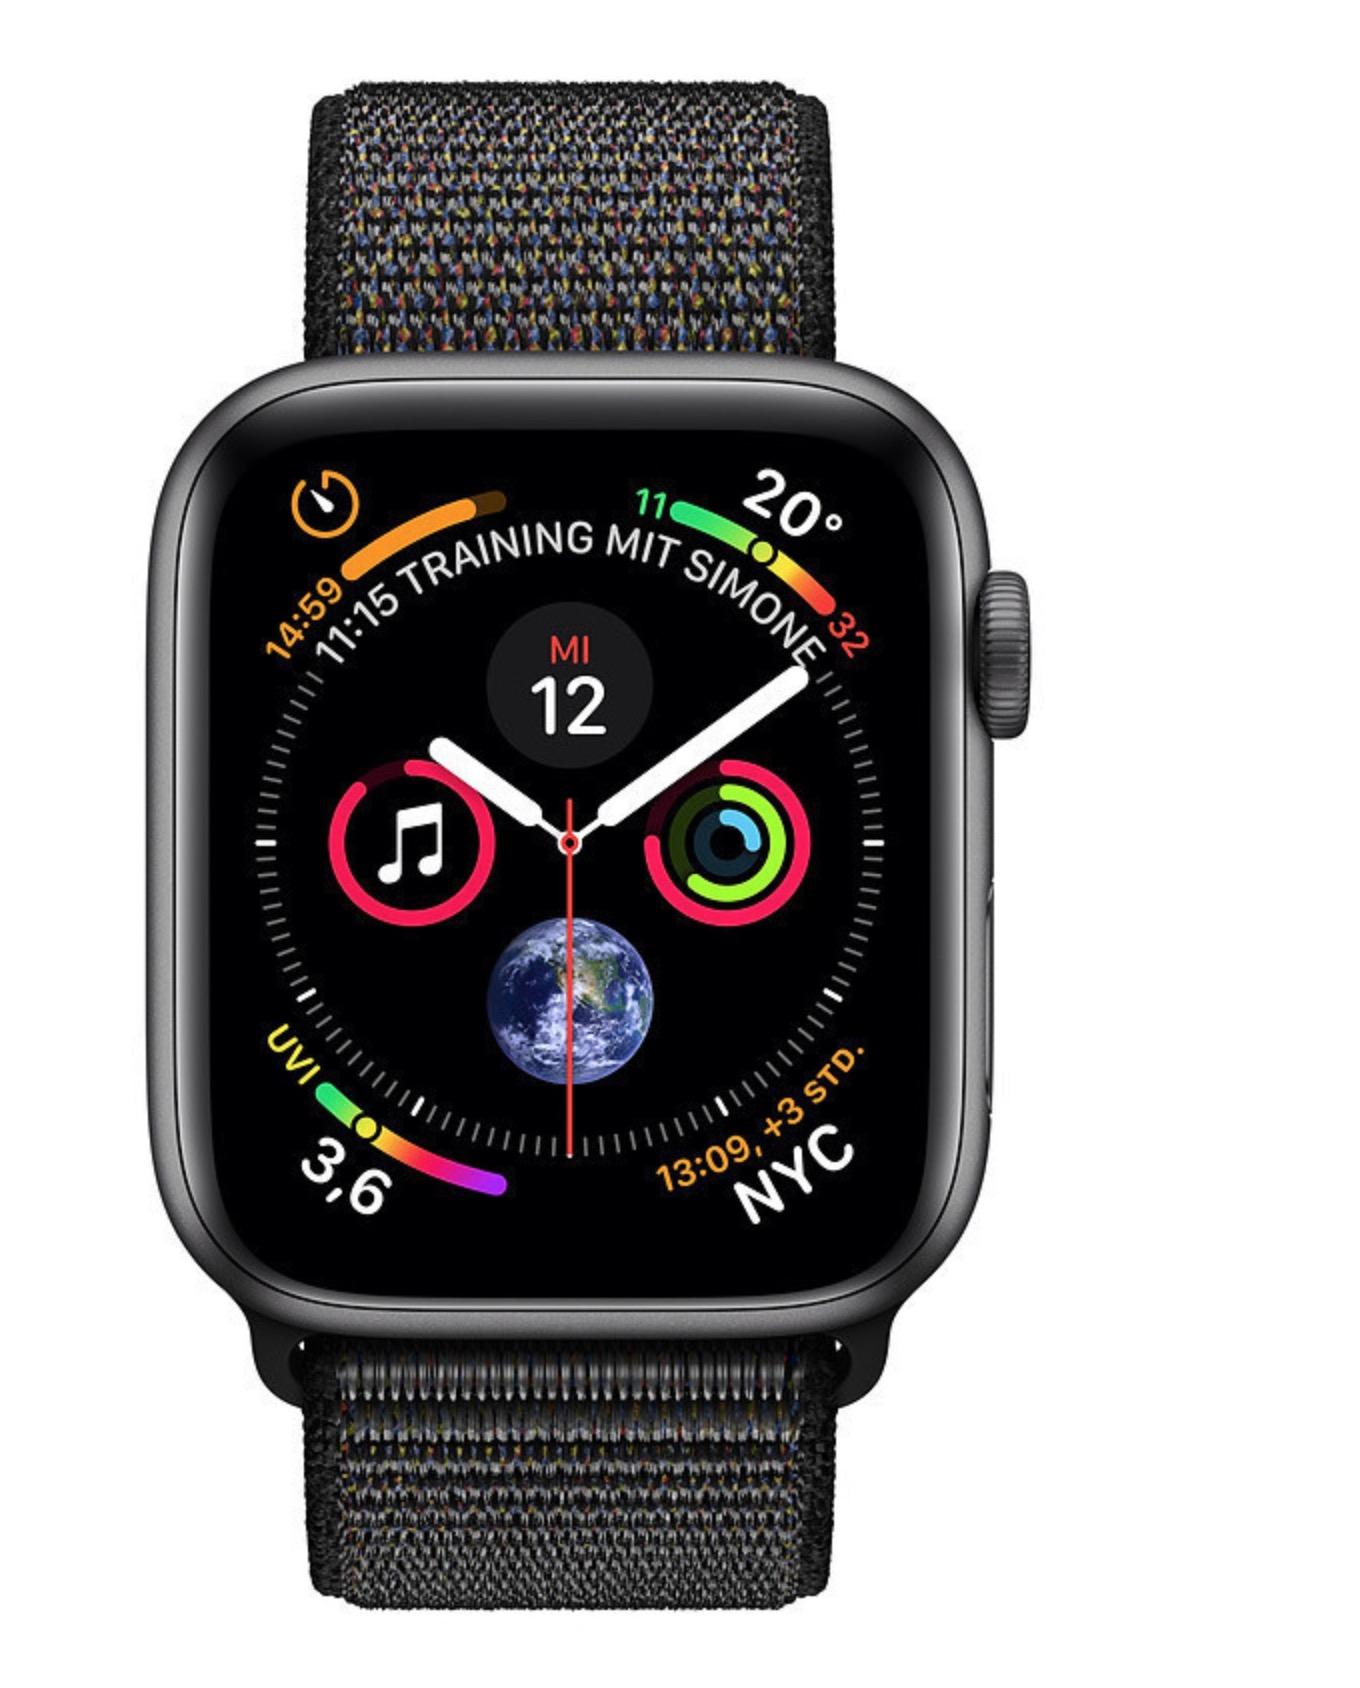 (Schweiz) Apple Watch Series 4 Set mit Sport Loop (44mm, Aluminium, Silikon) für 358 Euro